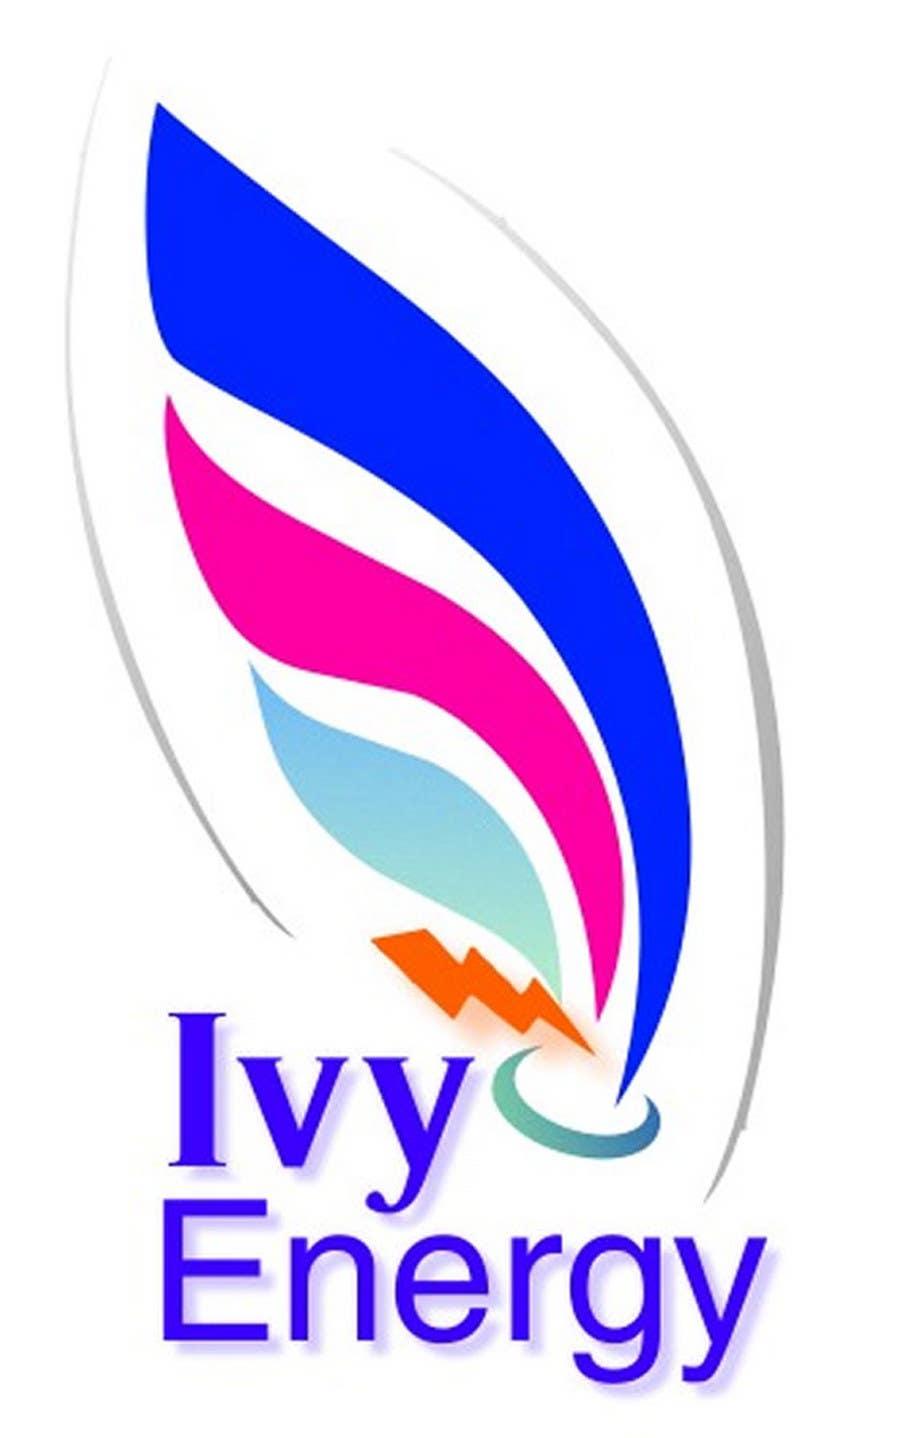 Inscrição nº 74 do Concurso para Logo Design for Ivy Energy